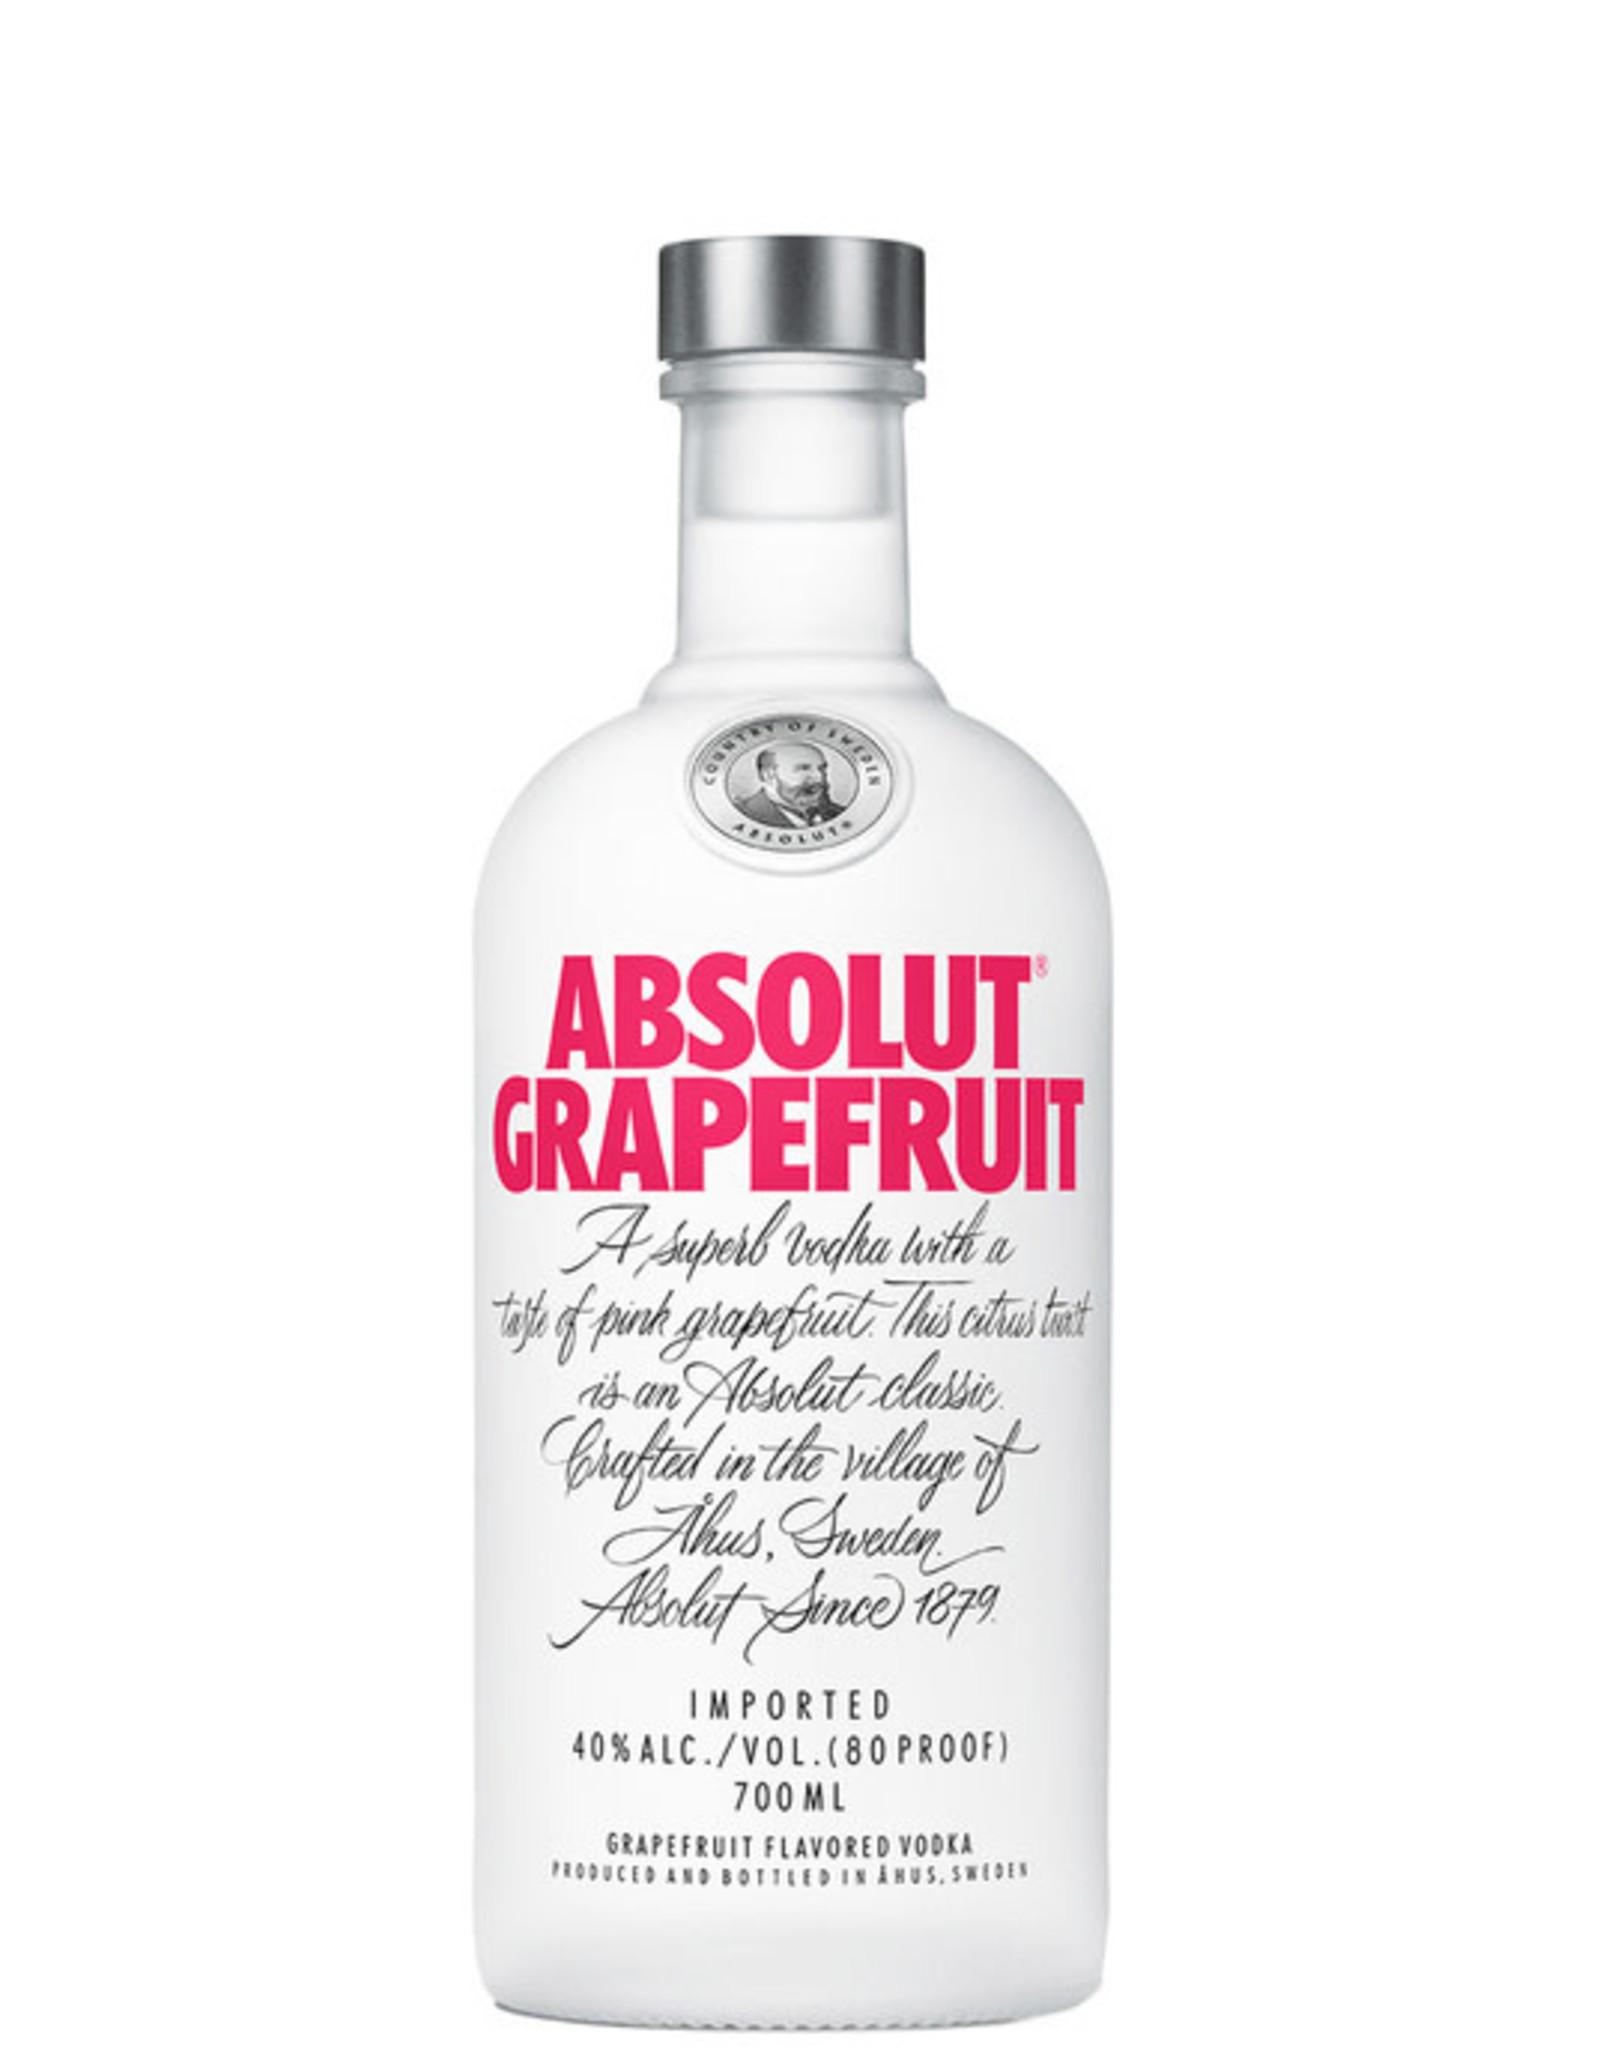 ABSOLUT GRAPEFRUIT 750 ML